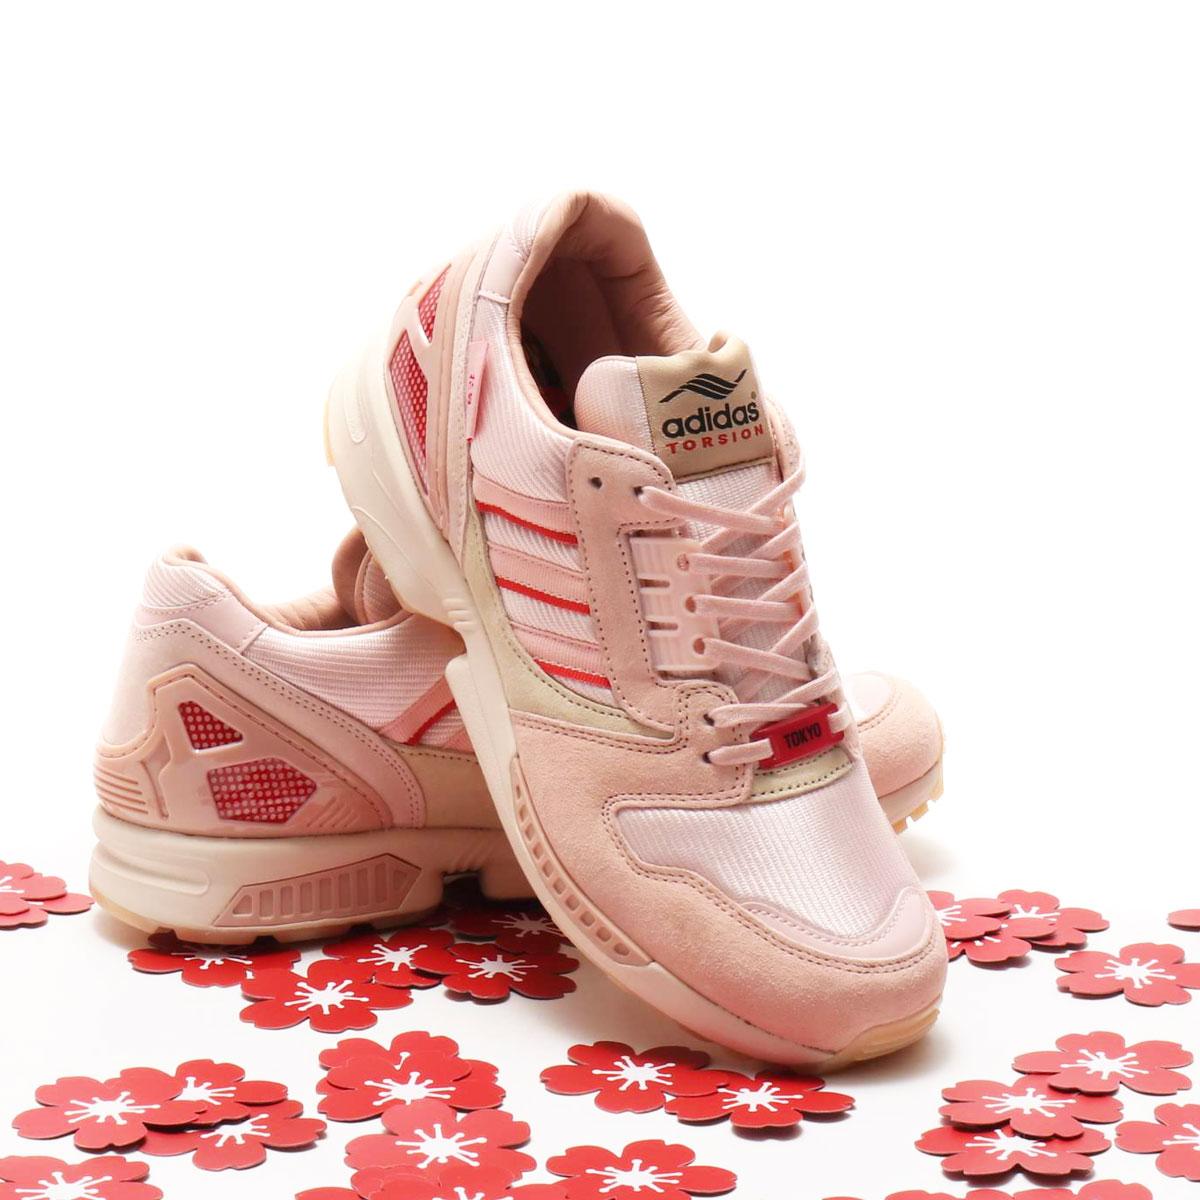 メンズ靴, スニーカー adidas ZX 8000( 8000)ICY PINKGLORY REDVAPOR PINK 20SS-S